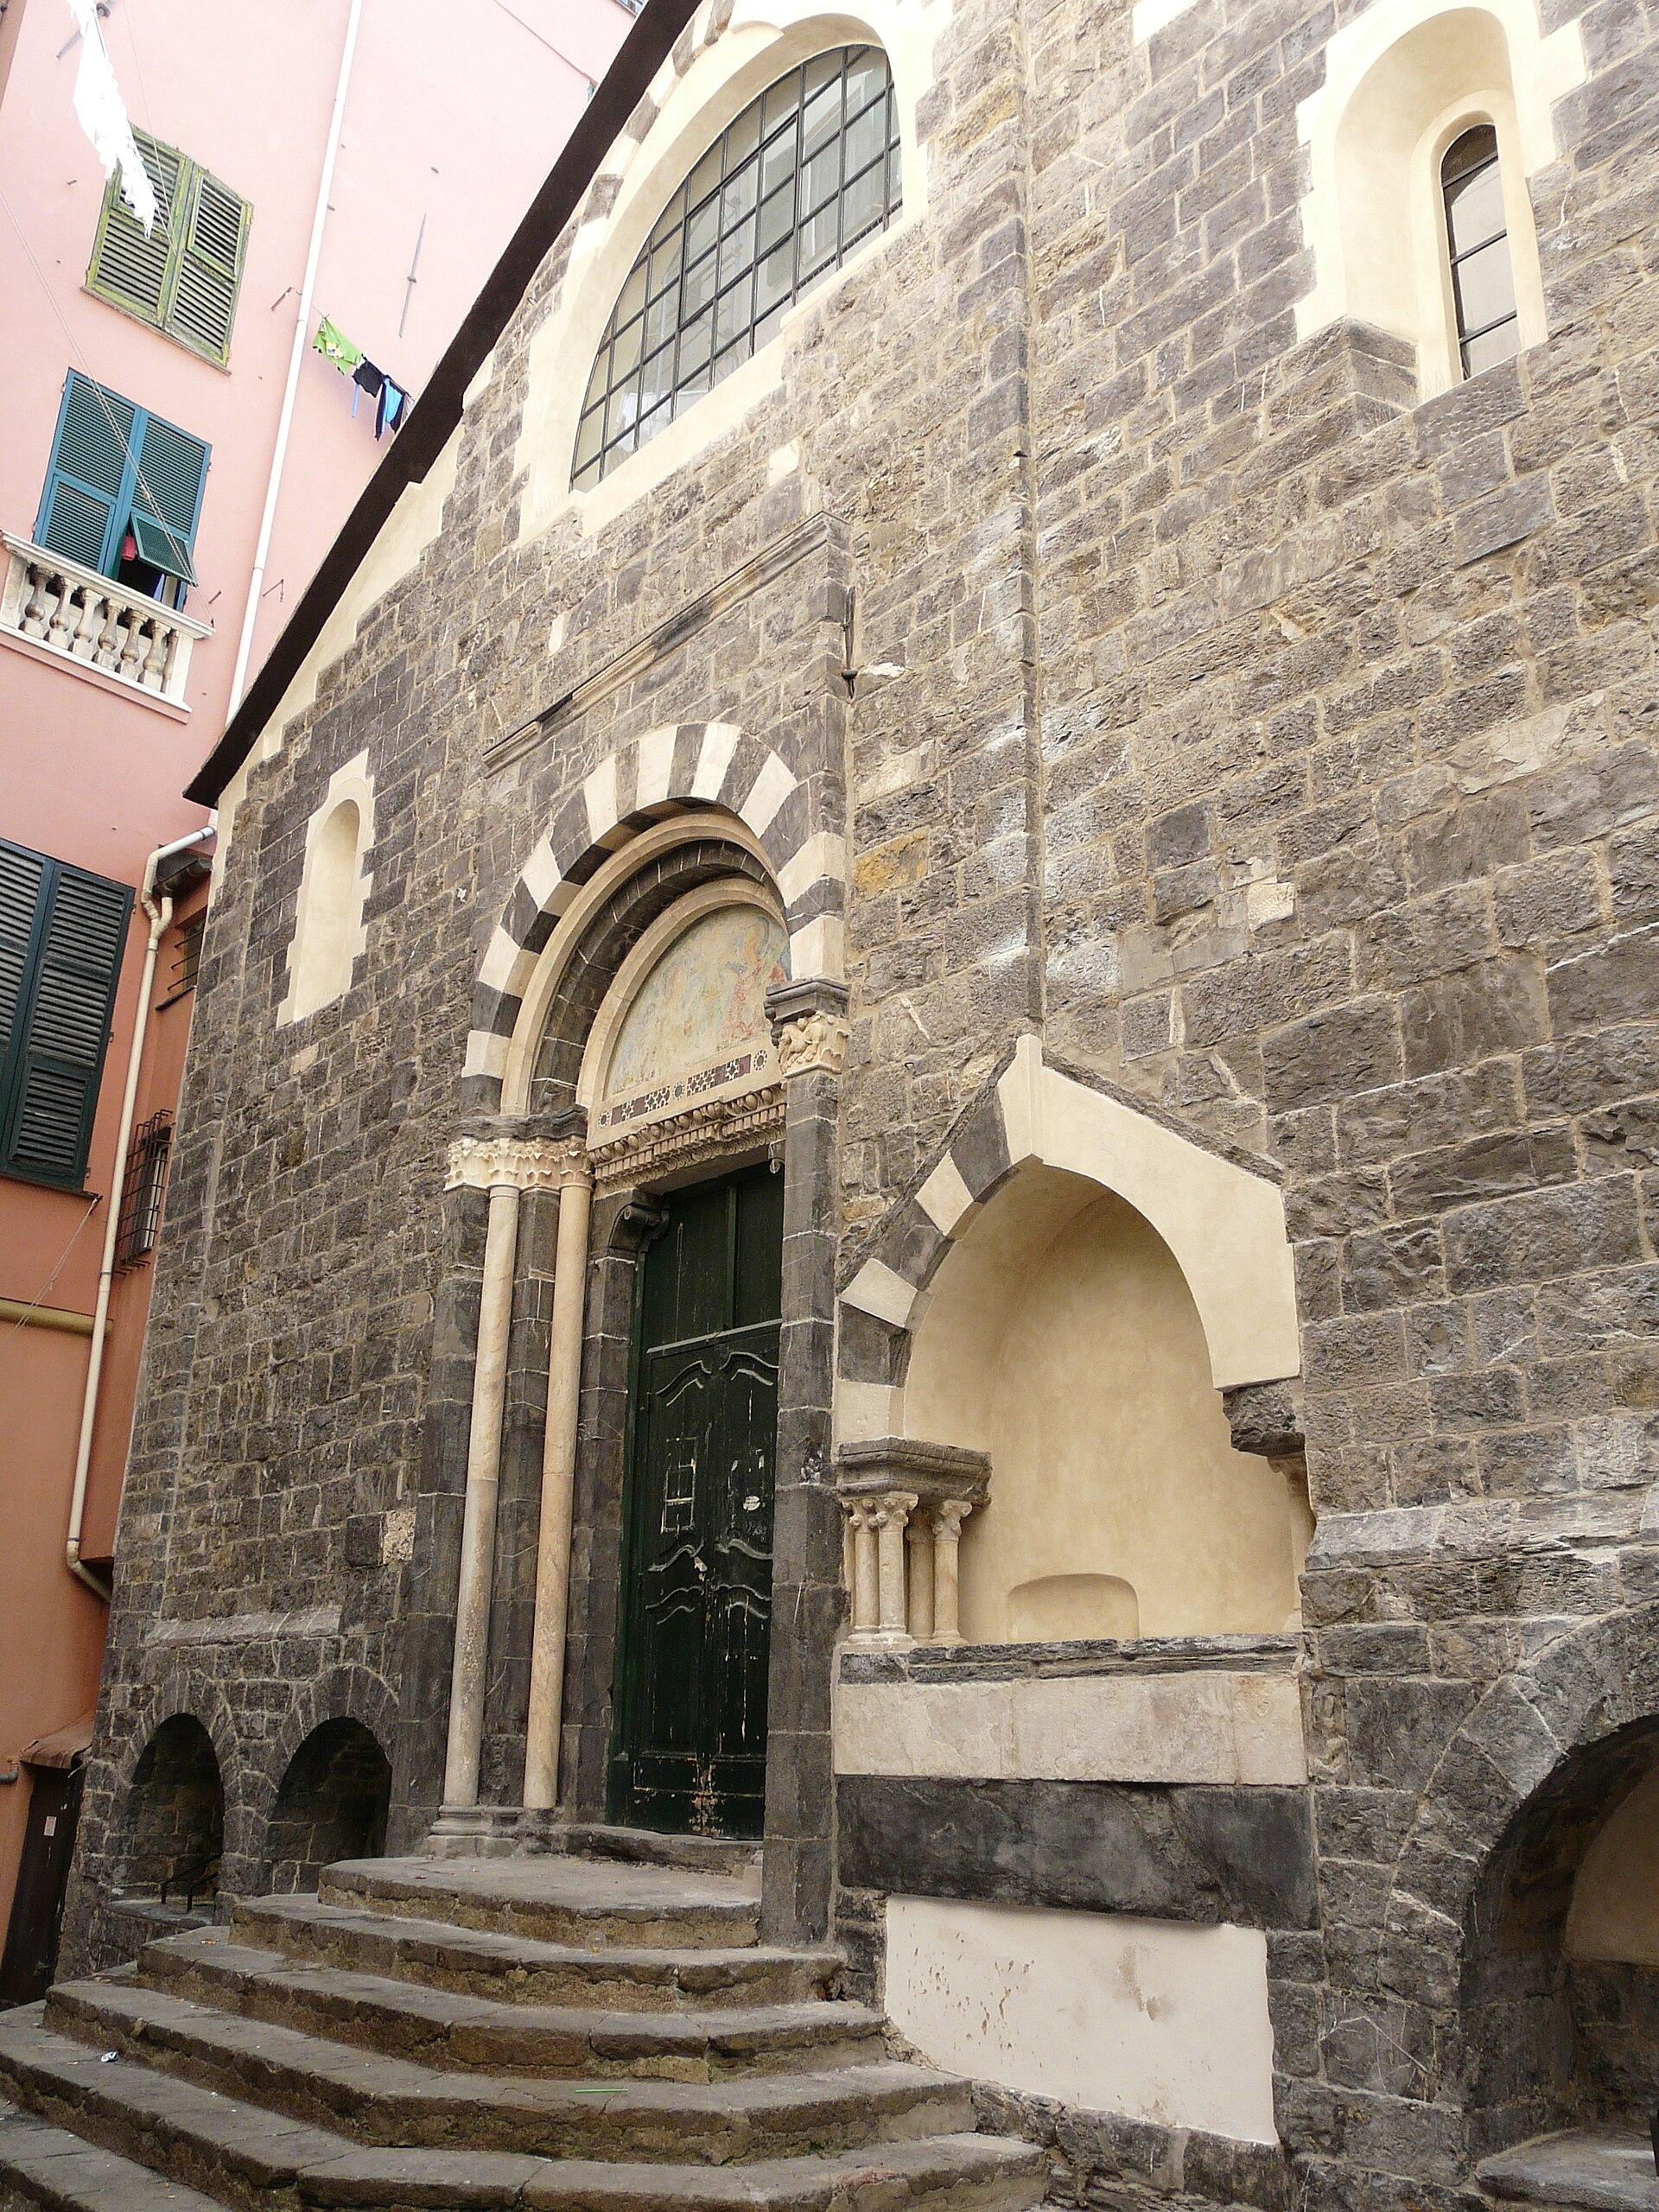 Chiesa dei santi cosma e damiano genova wikipedia for Edificio di 10000 piedi quadrati